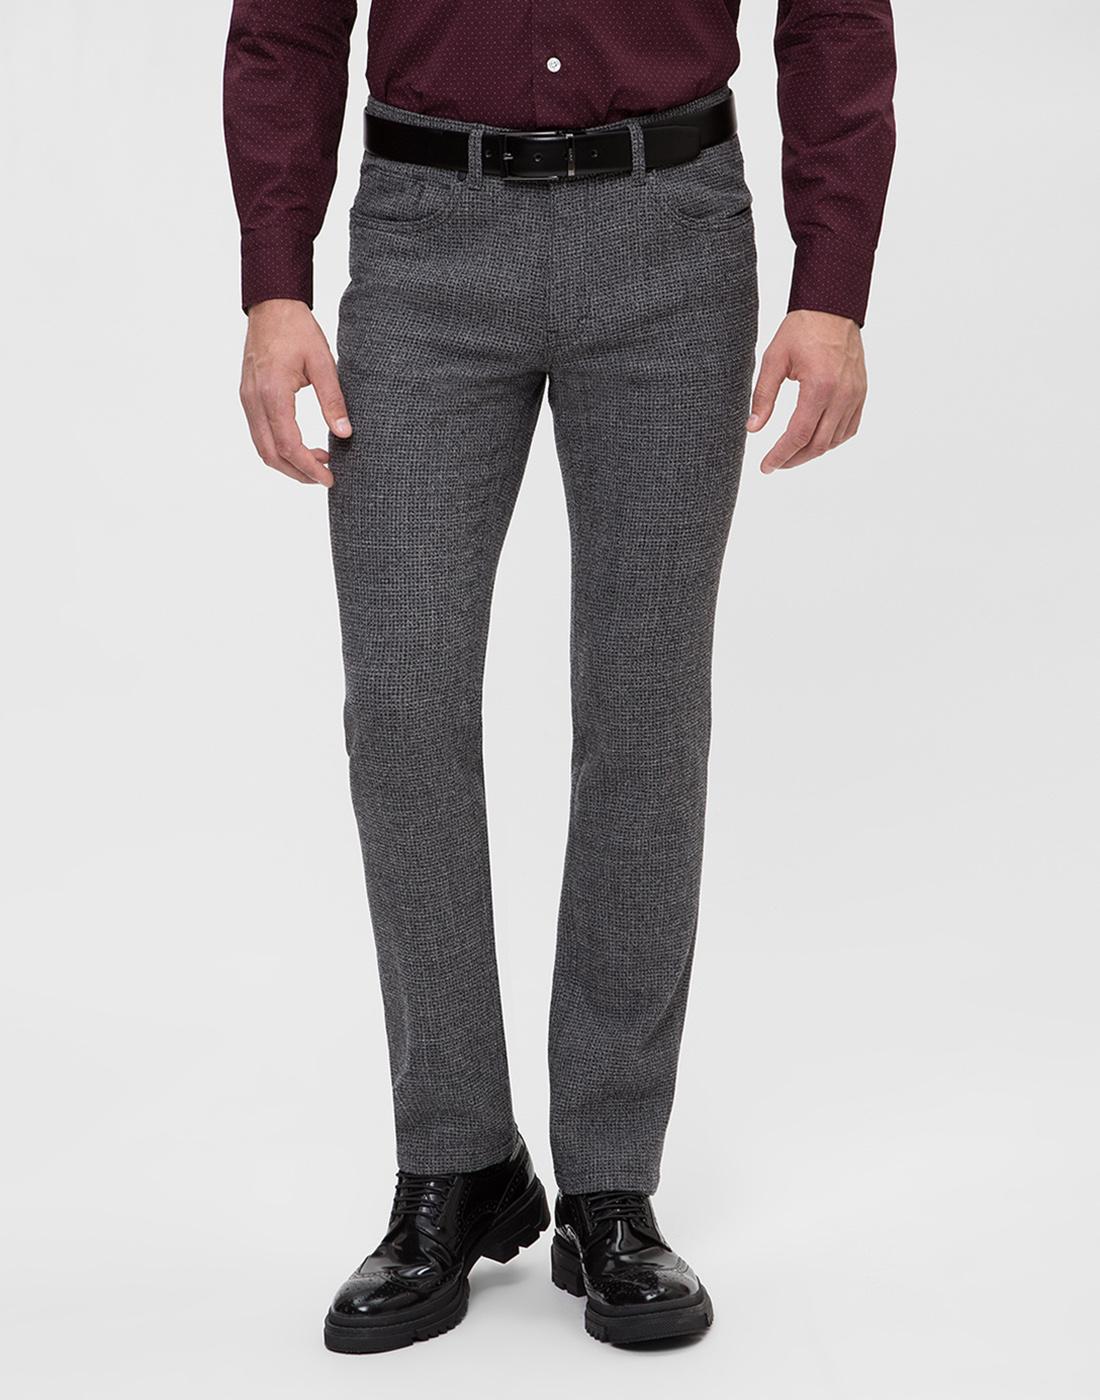 Мужские серые шерстяные брюки Hiltl  S12446 16 33580-2